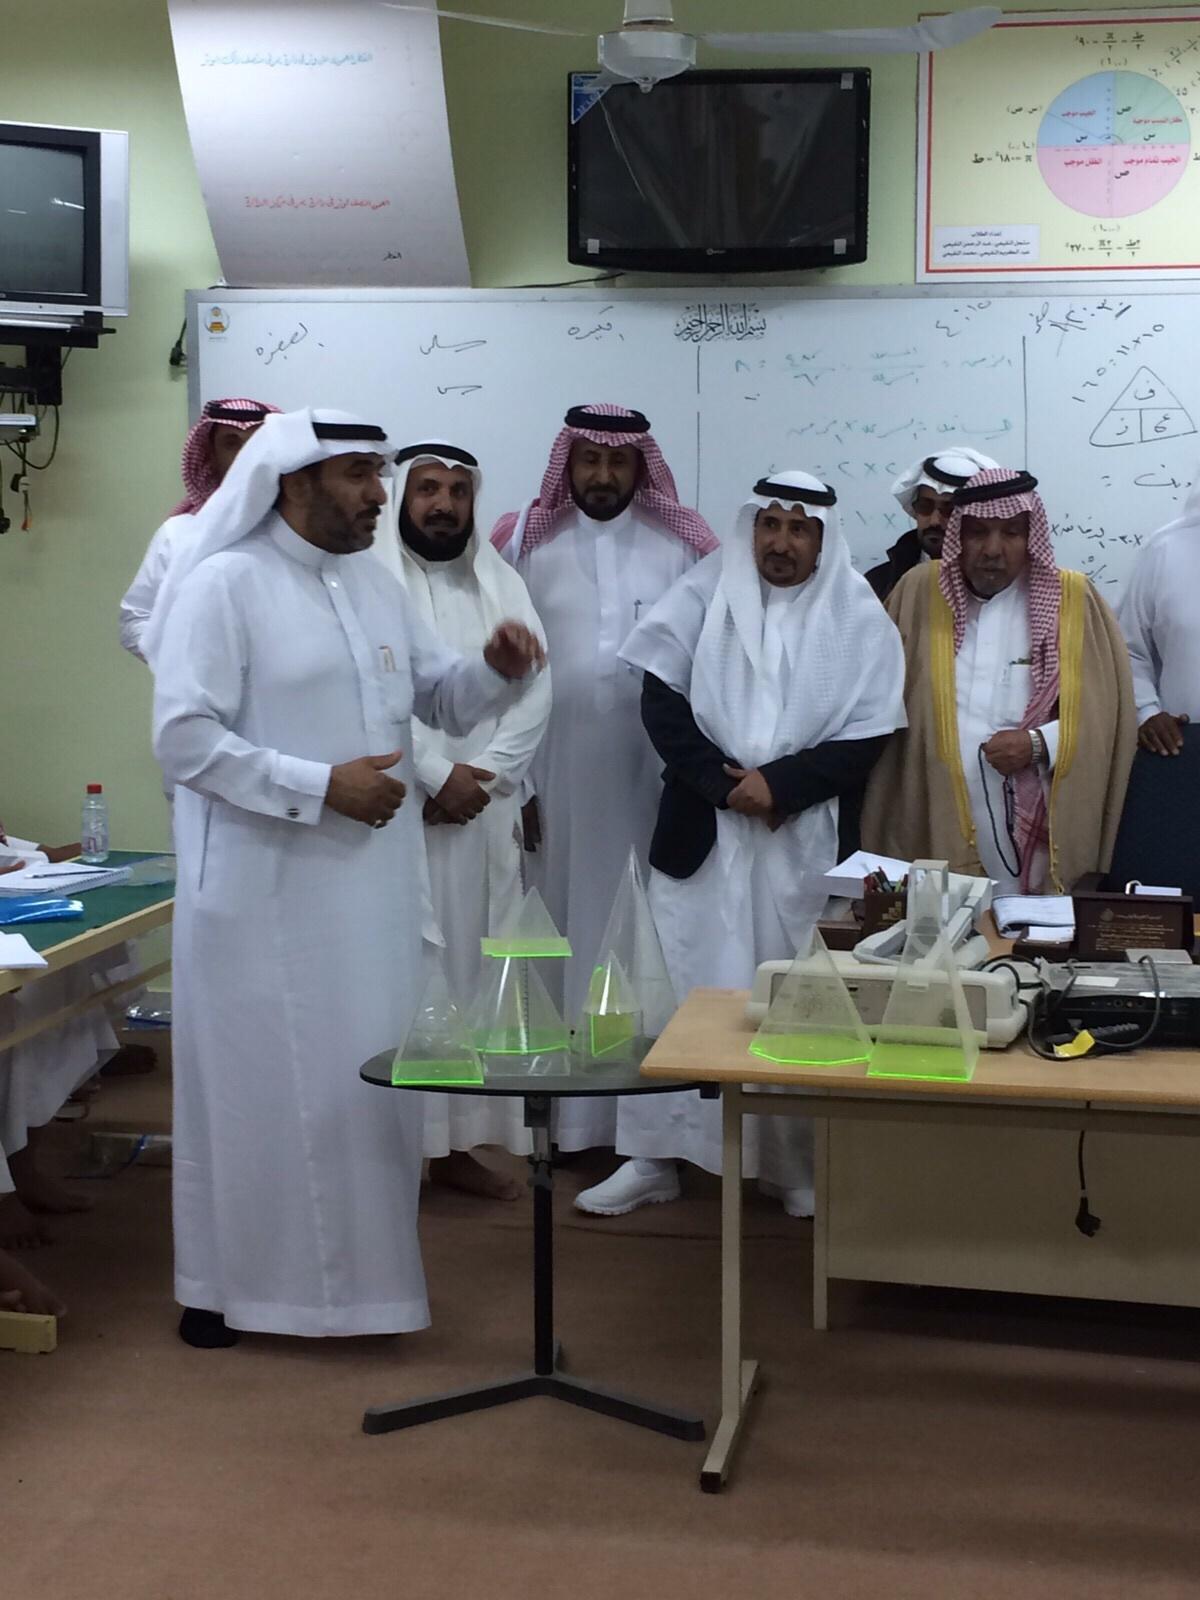 أمين جمعية مراكز أحياء #ميسان بـ #الطائف يتابع برنامج اختبار قدرات الطلاب (2)